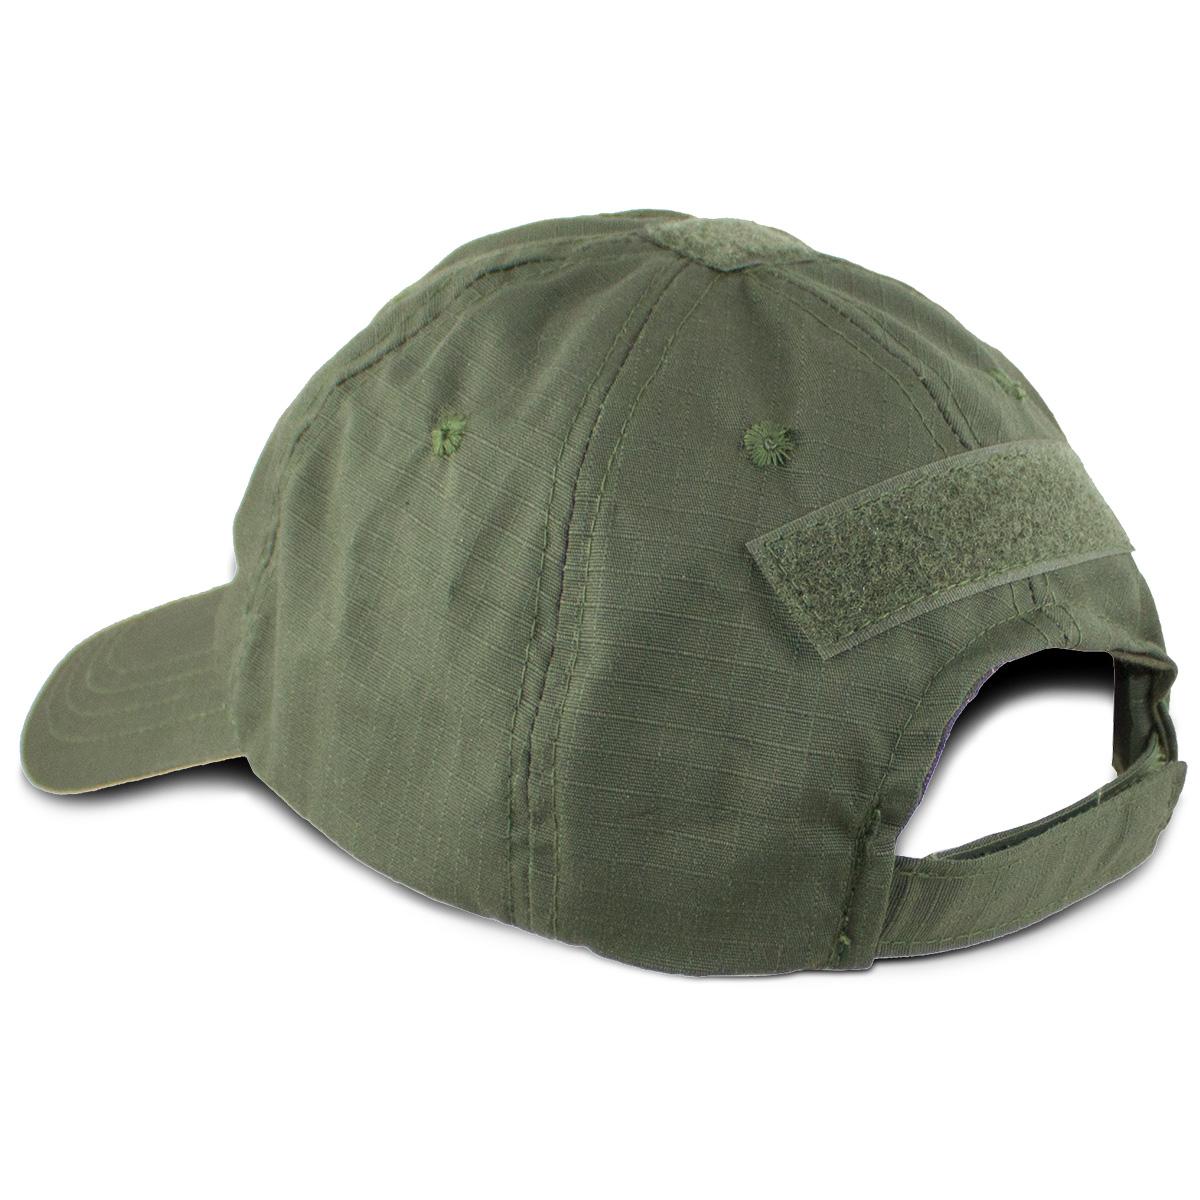 """כובע לוחם צה""""ל טקטי עם פאטצ' צבע זית"""